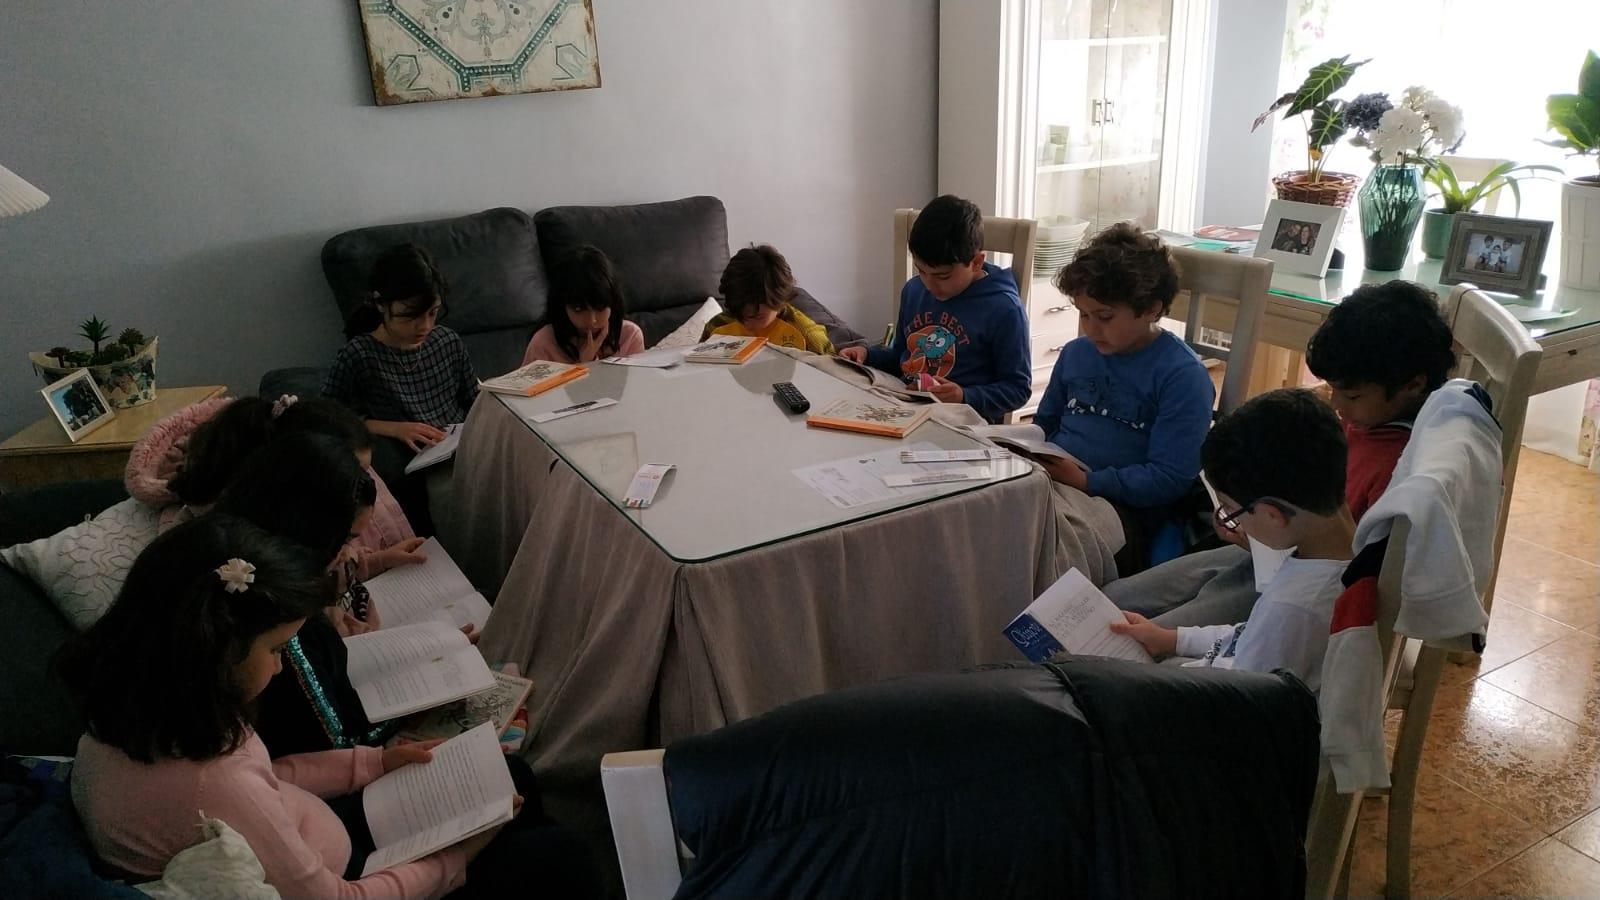 Un grupo de personas sentadas en una sala  Descripción generada automáticamente